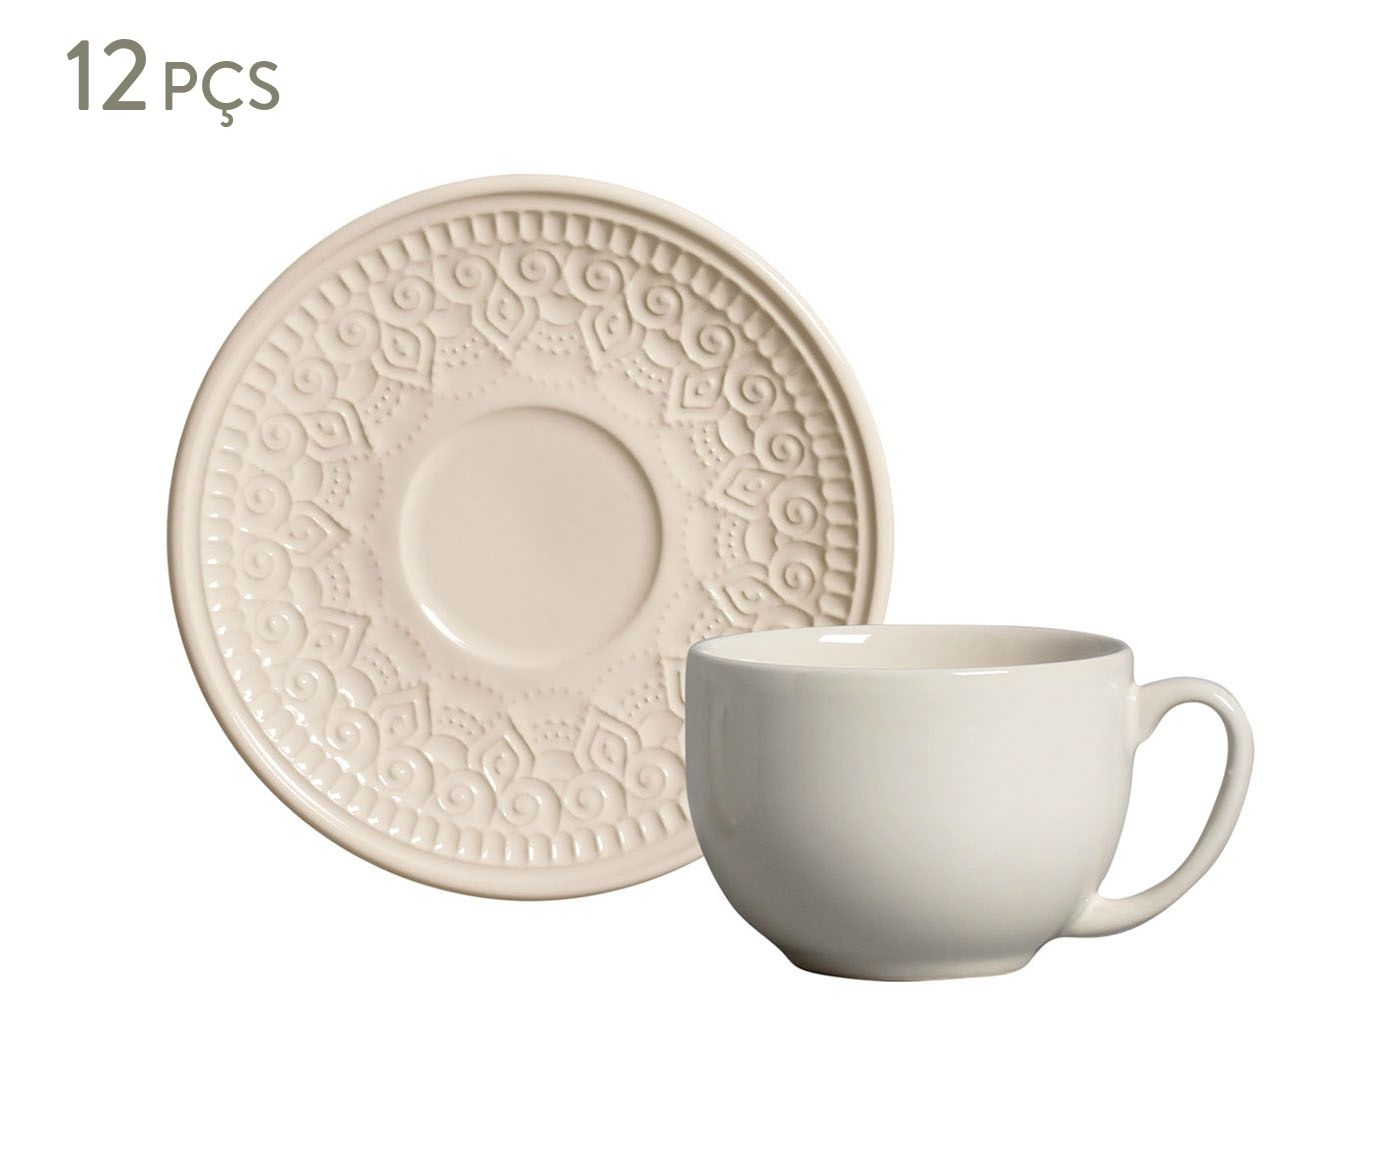 Jogo de Xícaras para Chá com Pires Agra Cru - 260ml | Westwing.com.br